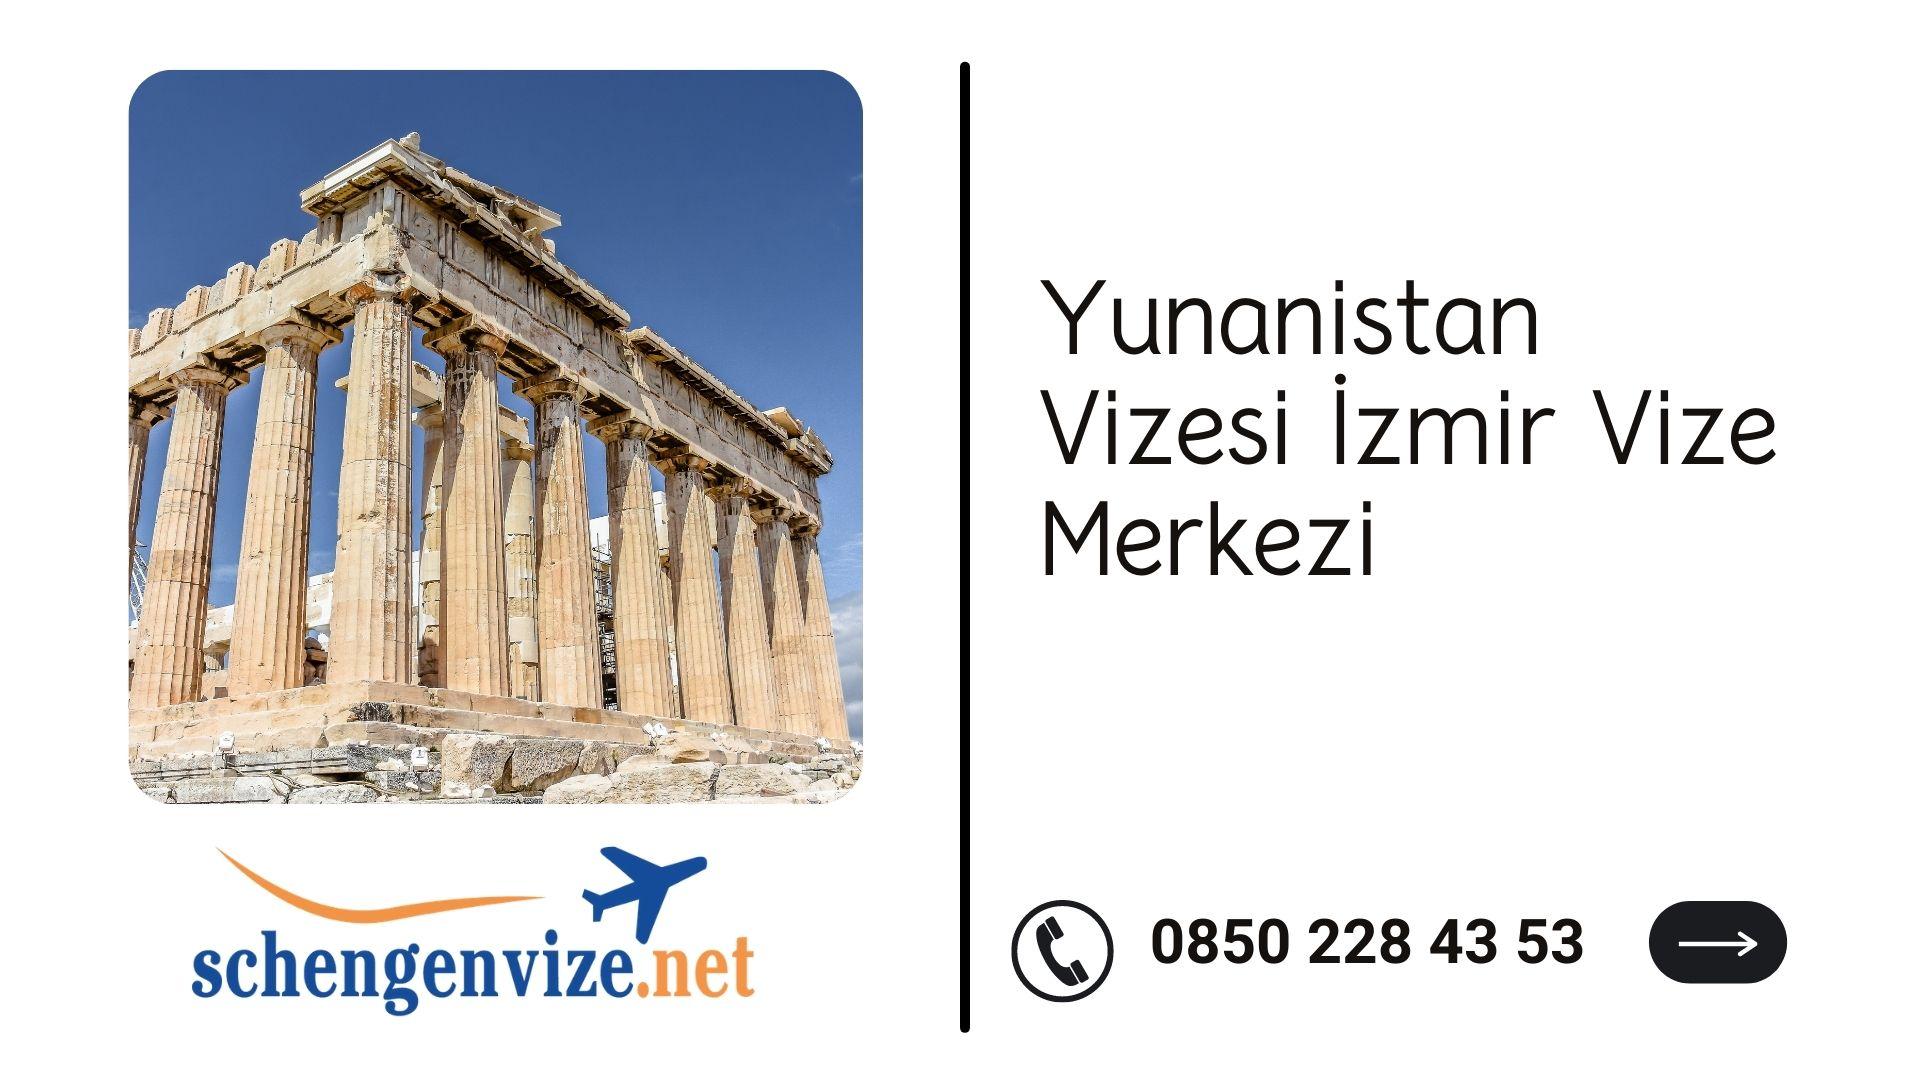 Yunanistan Vizesi İzmir Vize Merkezi